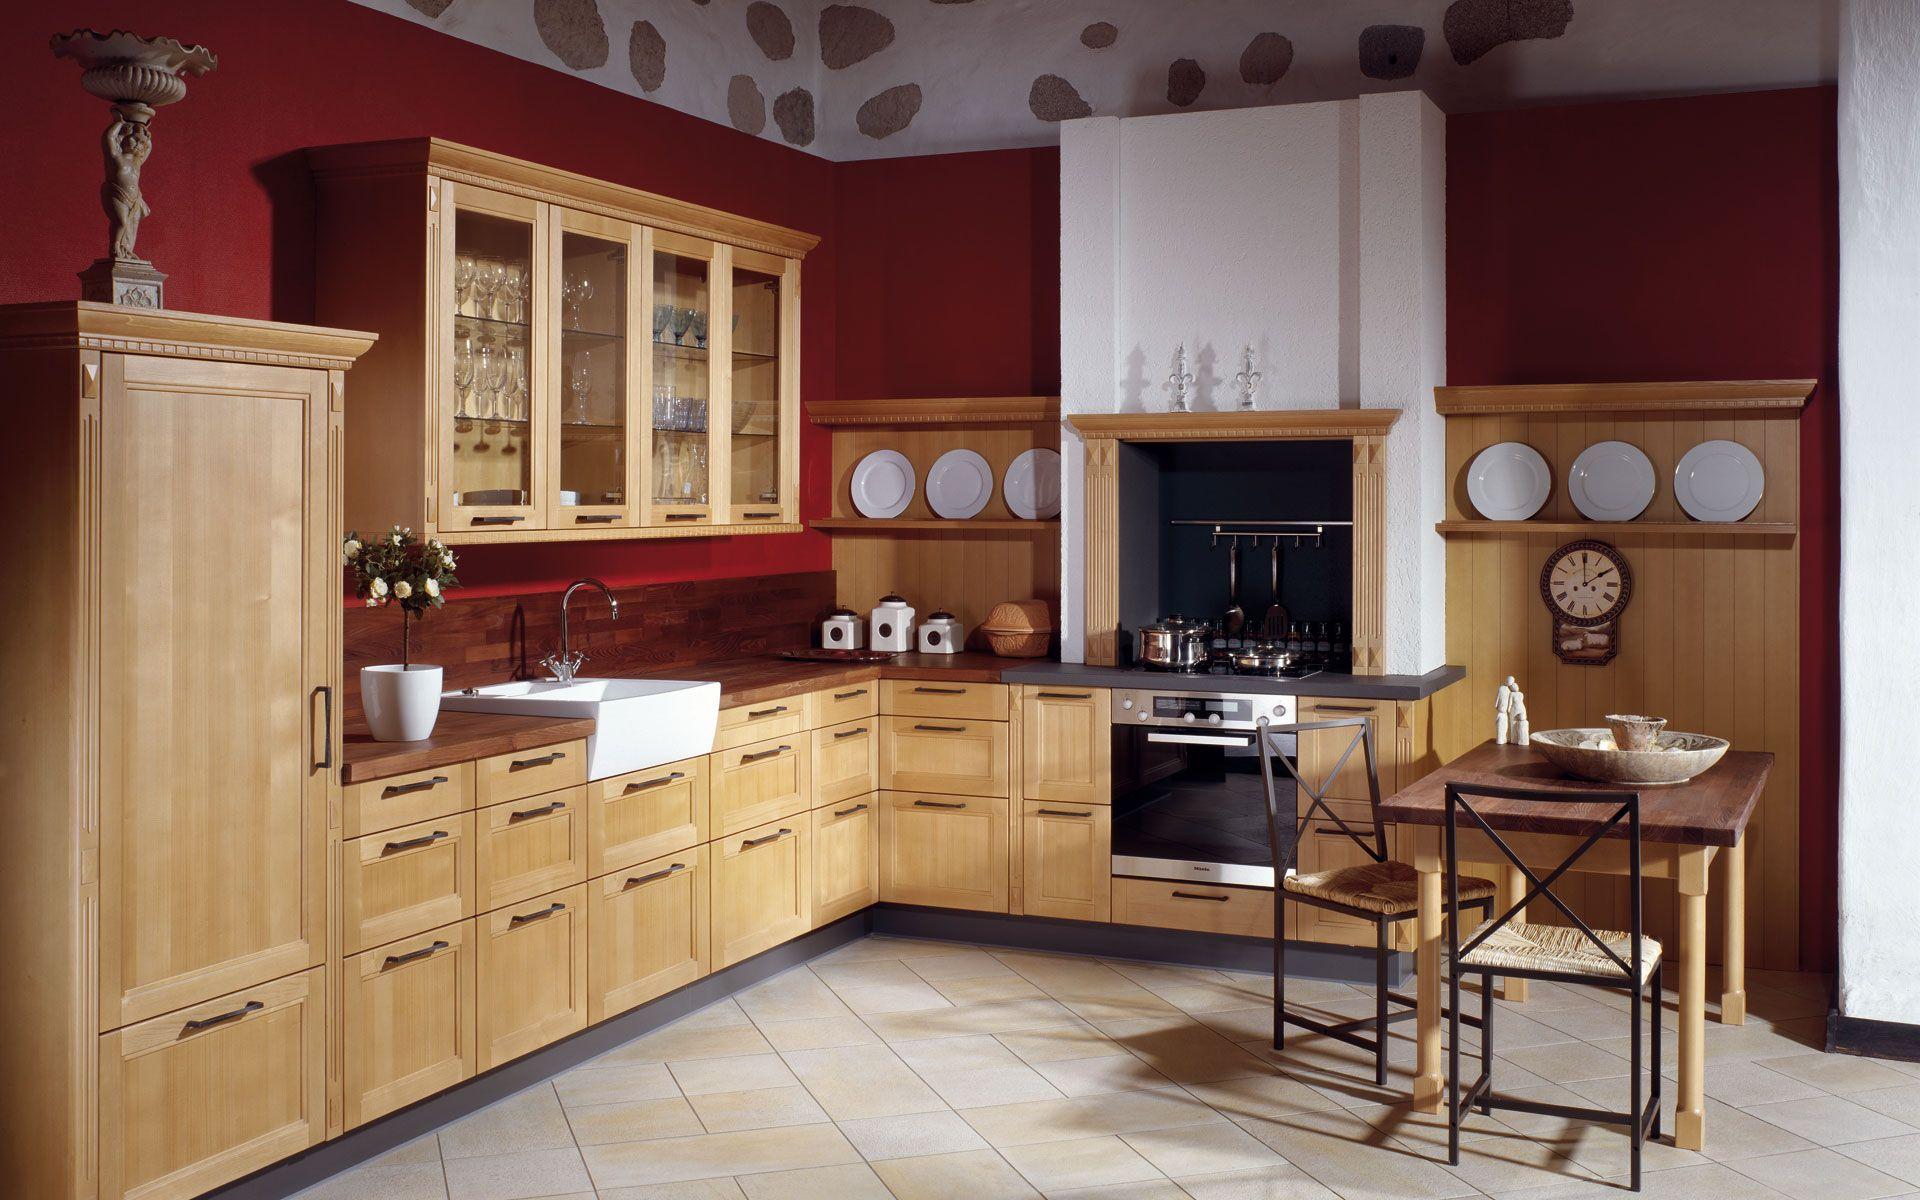 Moderne Landhausküchen landhausküche eiche landhausküchen kitchens